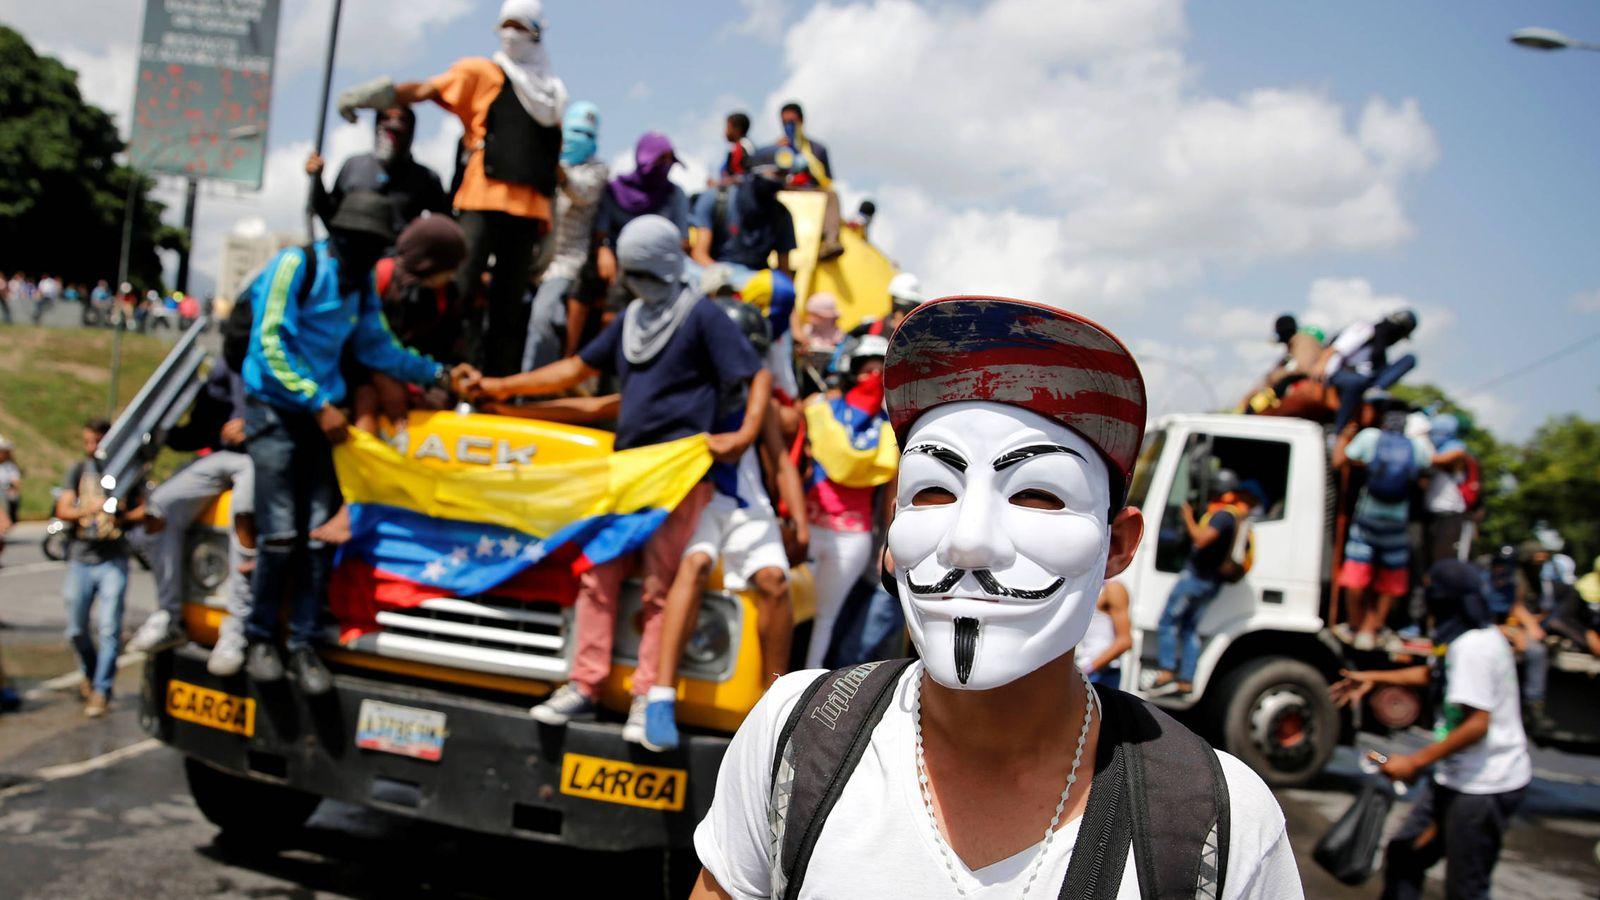 Foto: Un manifestante con una máscara de Guy Fawkes durante los disturbios contra el presidente Maduro en Caracas, en junio de 2017. (Reuters)